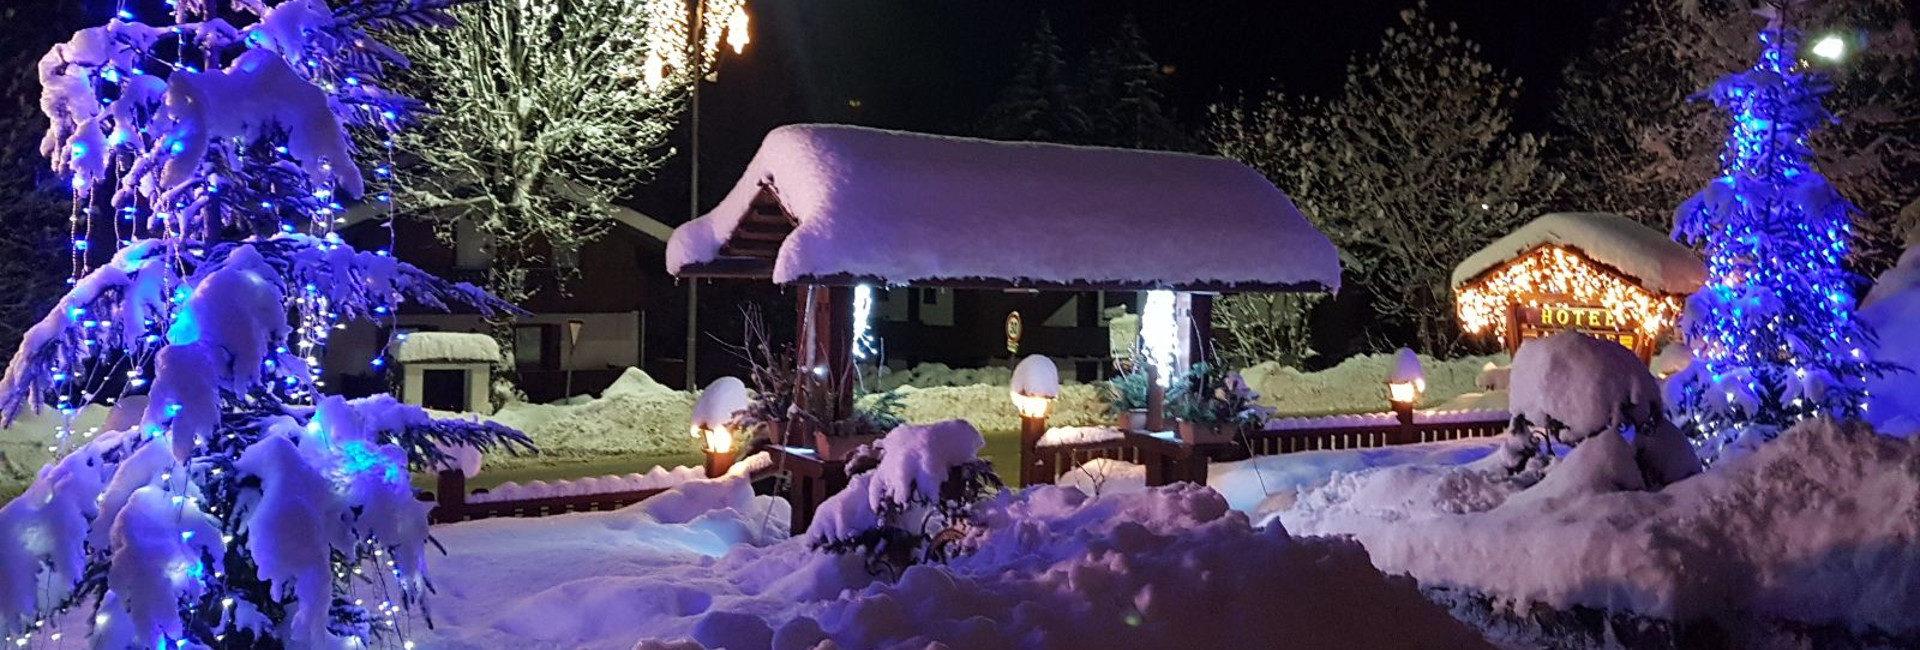 Ingresso con neve - alsoleauronzo.net